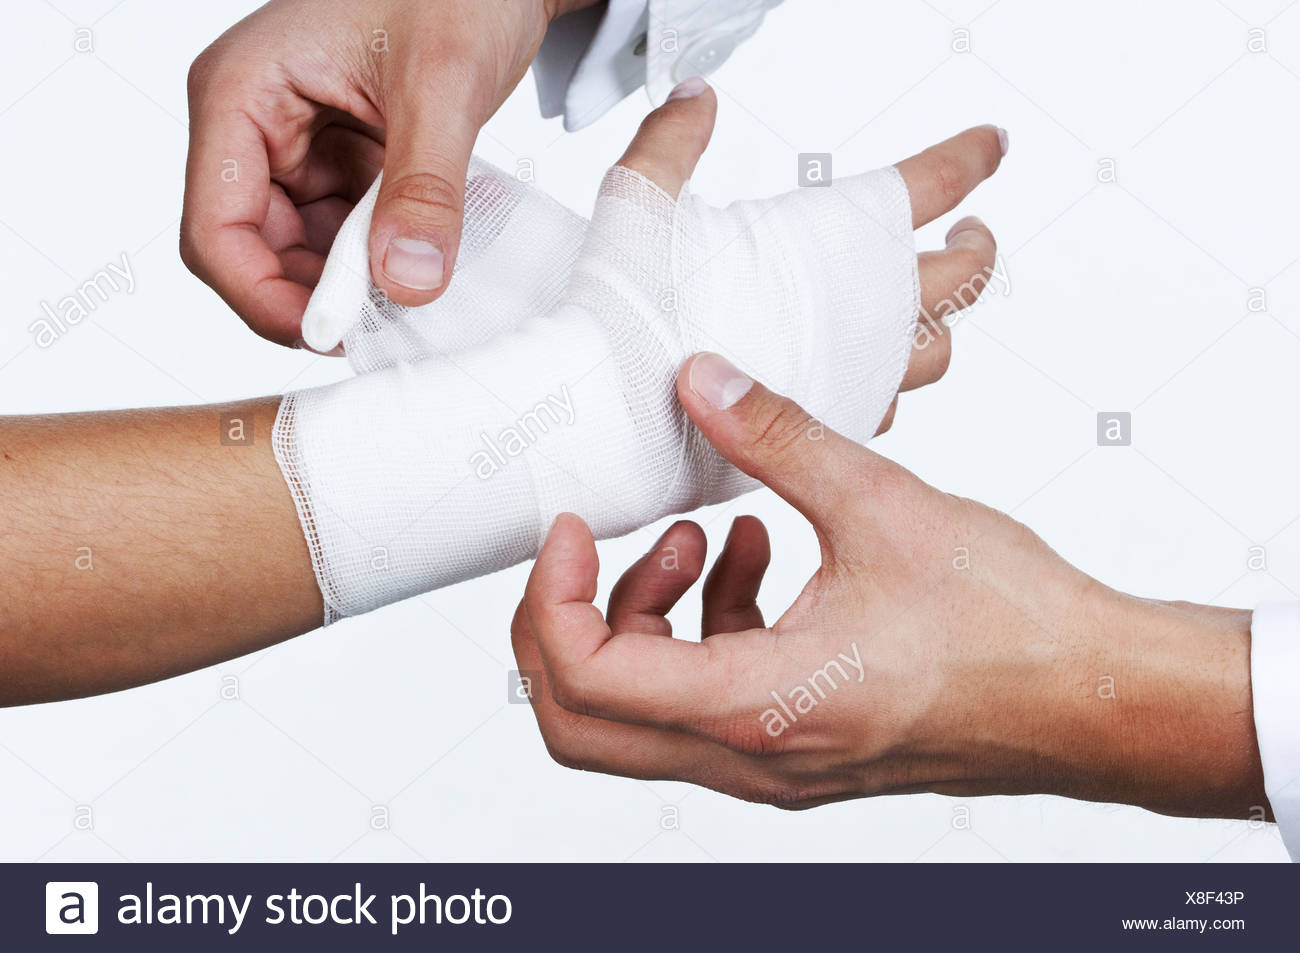 Bandages - Stock Image